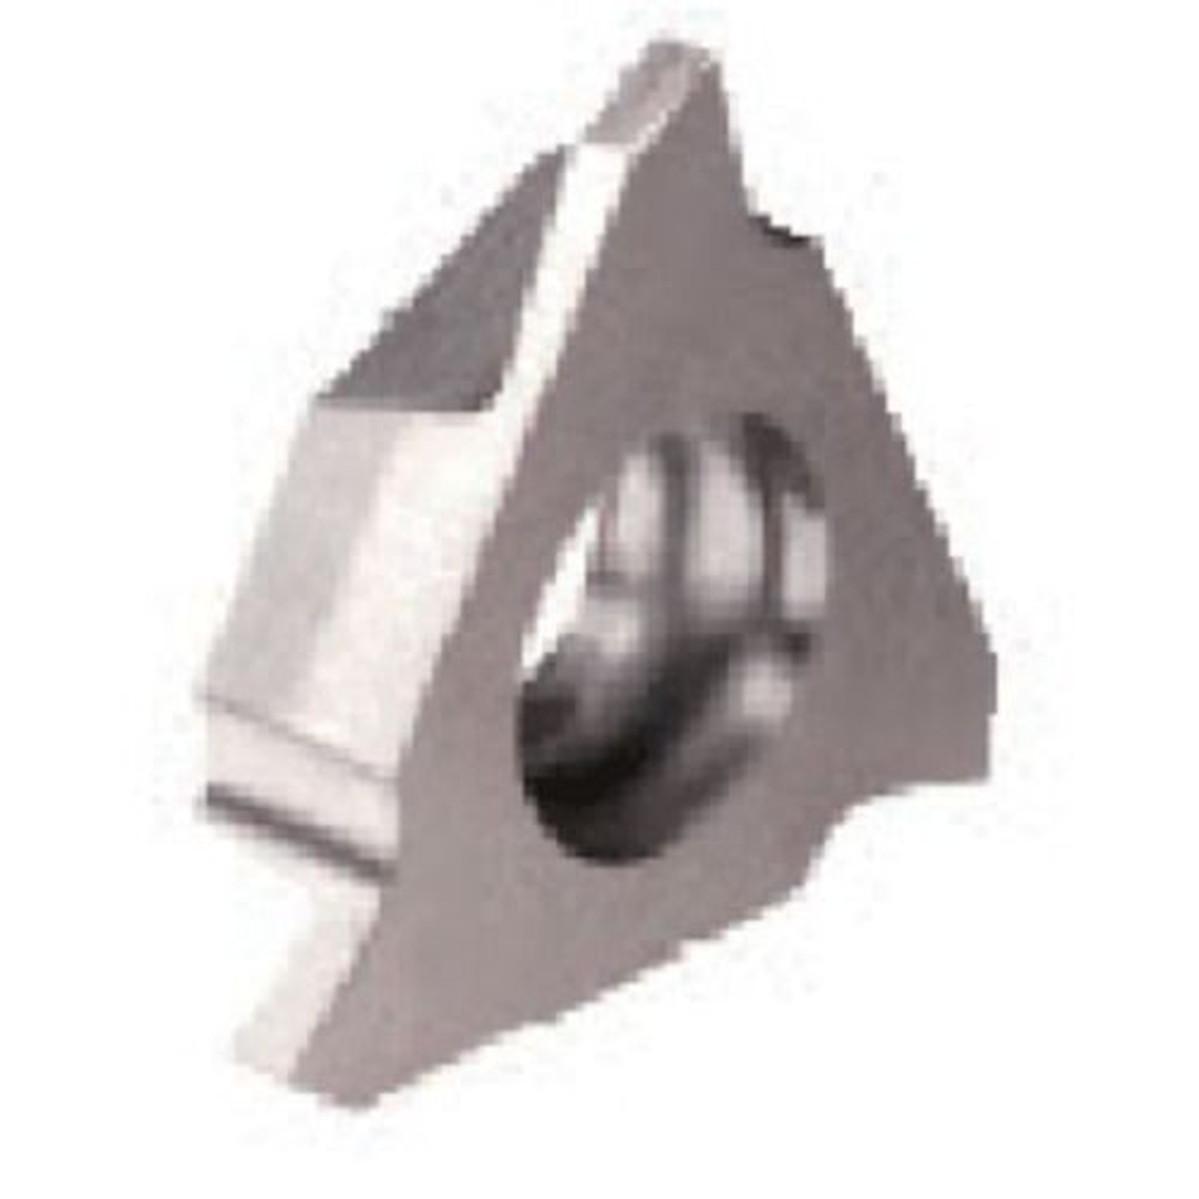 あす楽対応 商舗 DIY用品 タンガロイ 10個 旋削用溝入れTACチップ 定番スタイル AH710